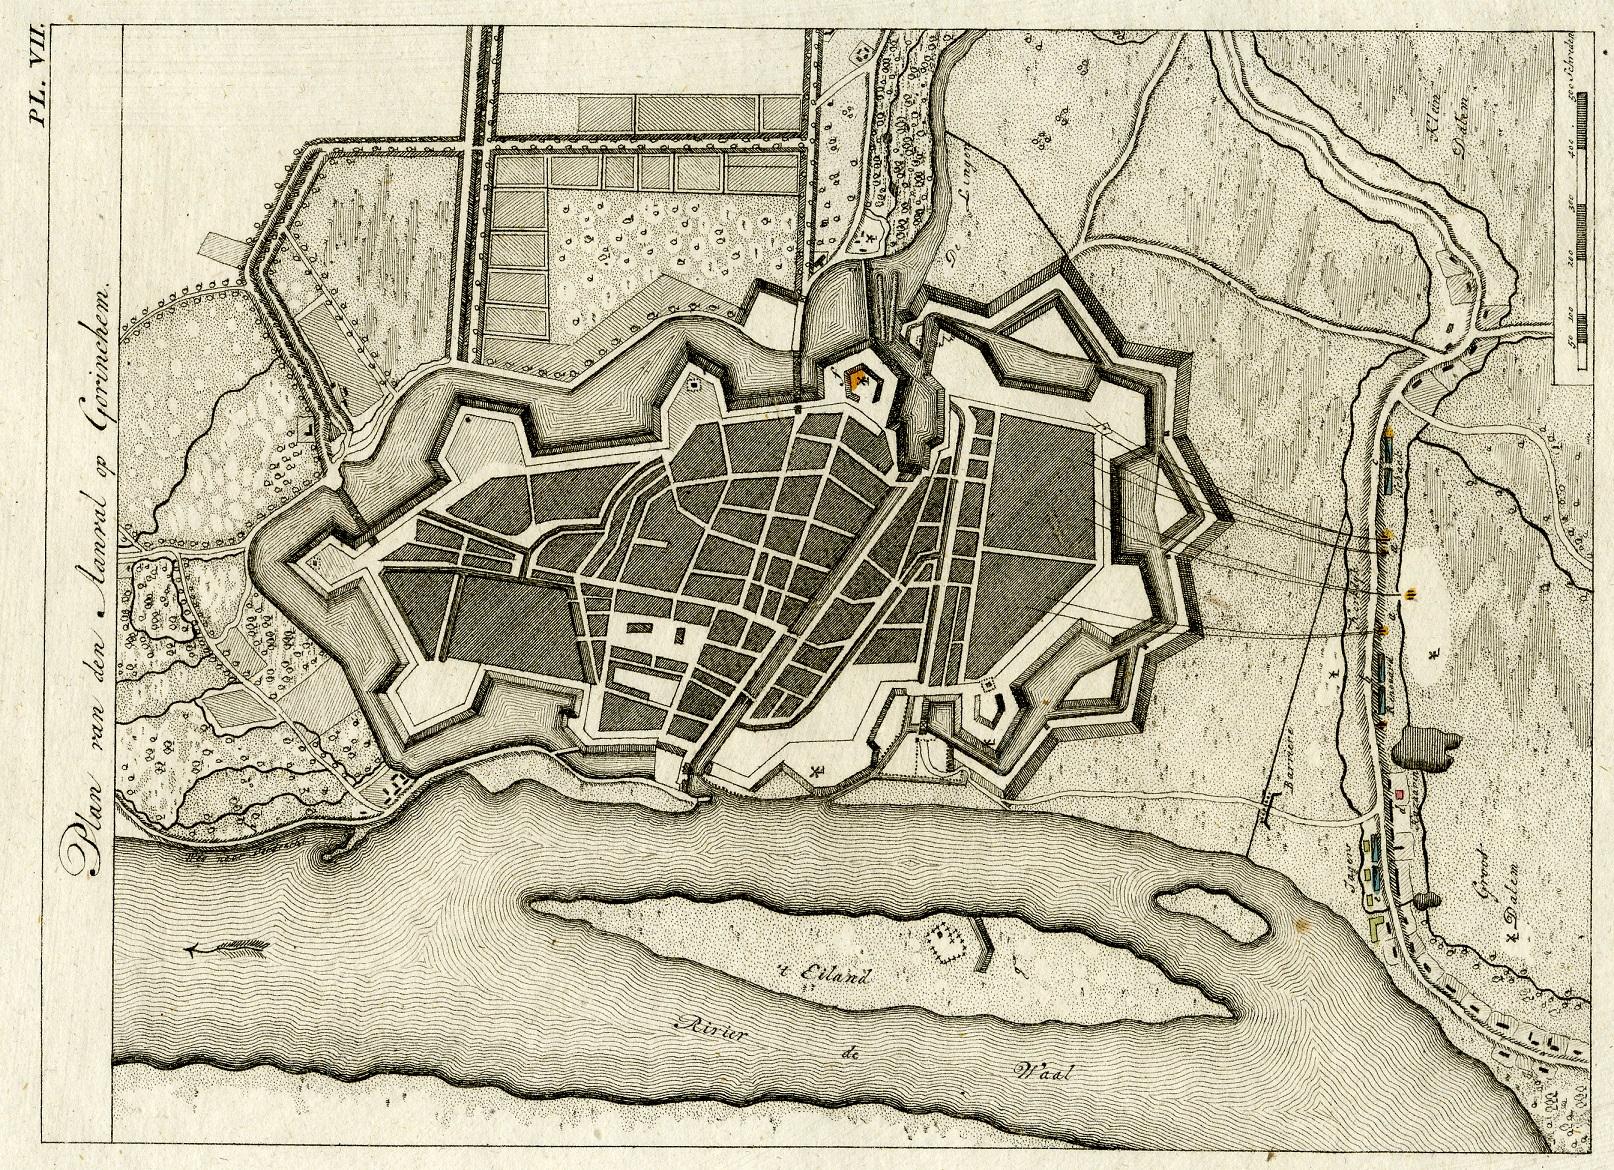 Plattegrond met ruwe lijnen vanuit geschutsstellingen in Dalem van de beschieting van de vesting Gorinchem september 1787